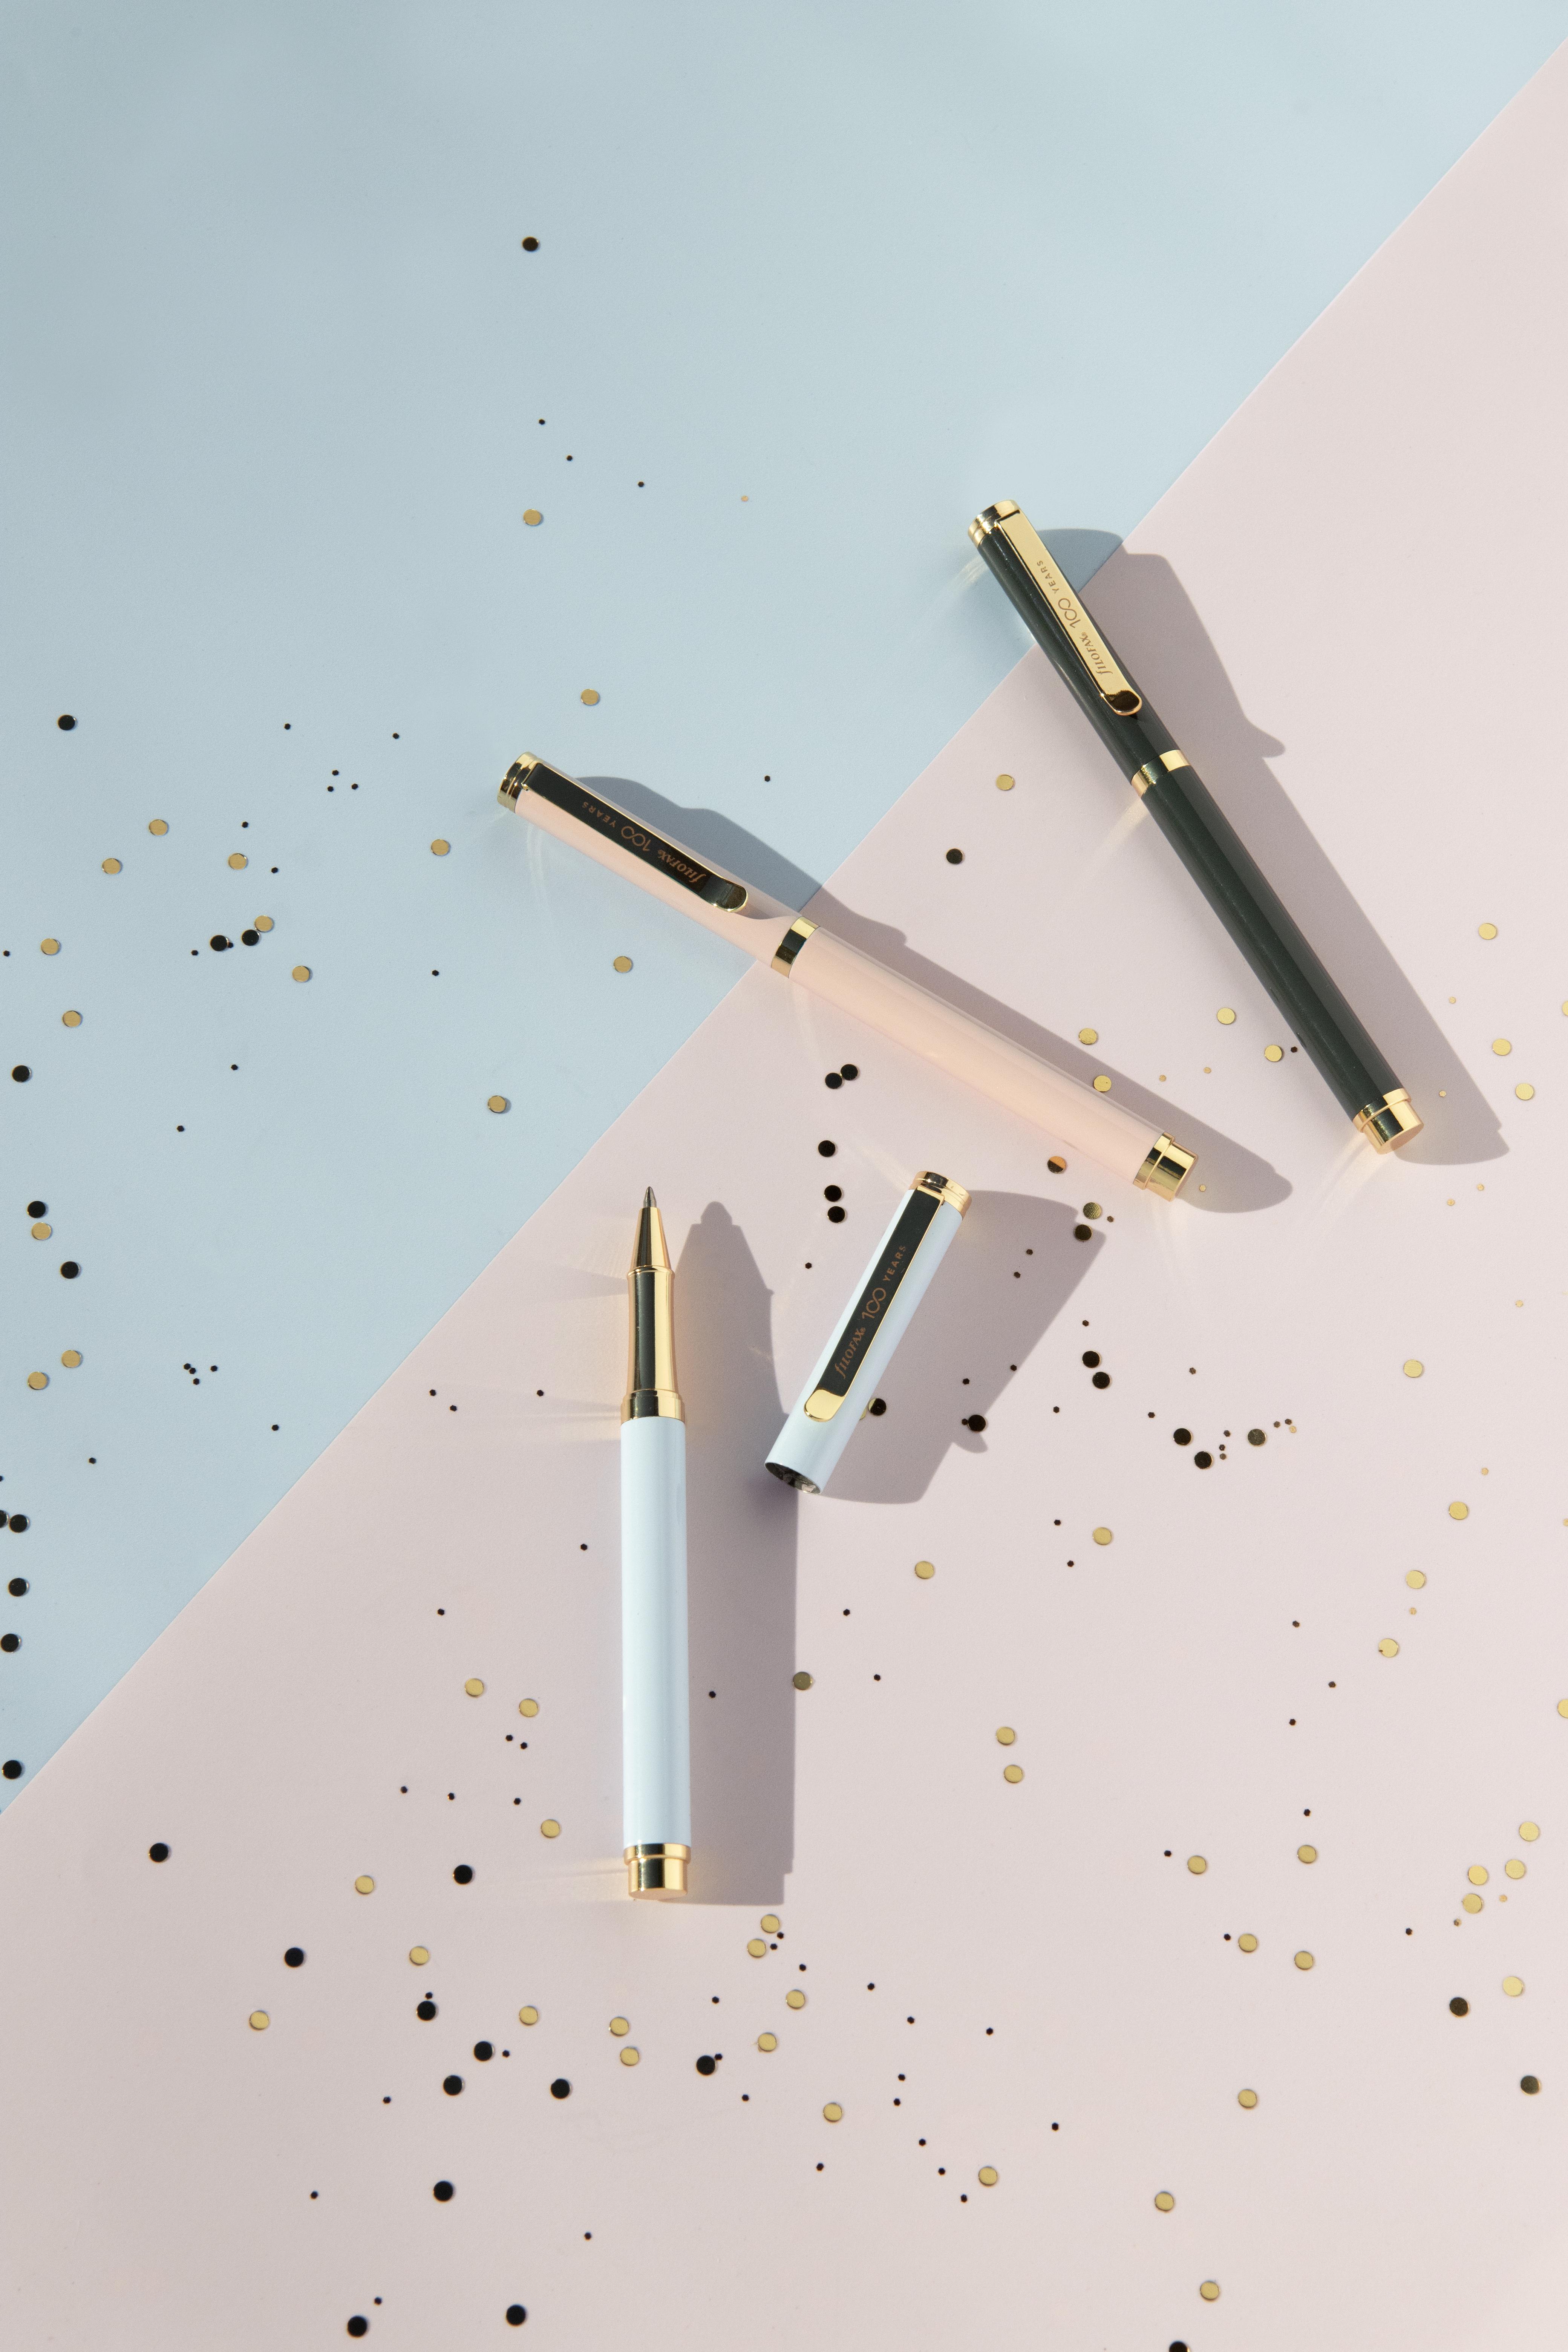 Filofax Centennial Collection - Centennial Roller Ball Pen Blush _SKU 132785_ Sky _SKU 132787_ Charcoal _132786_ Lifestyle Image